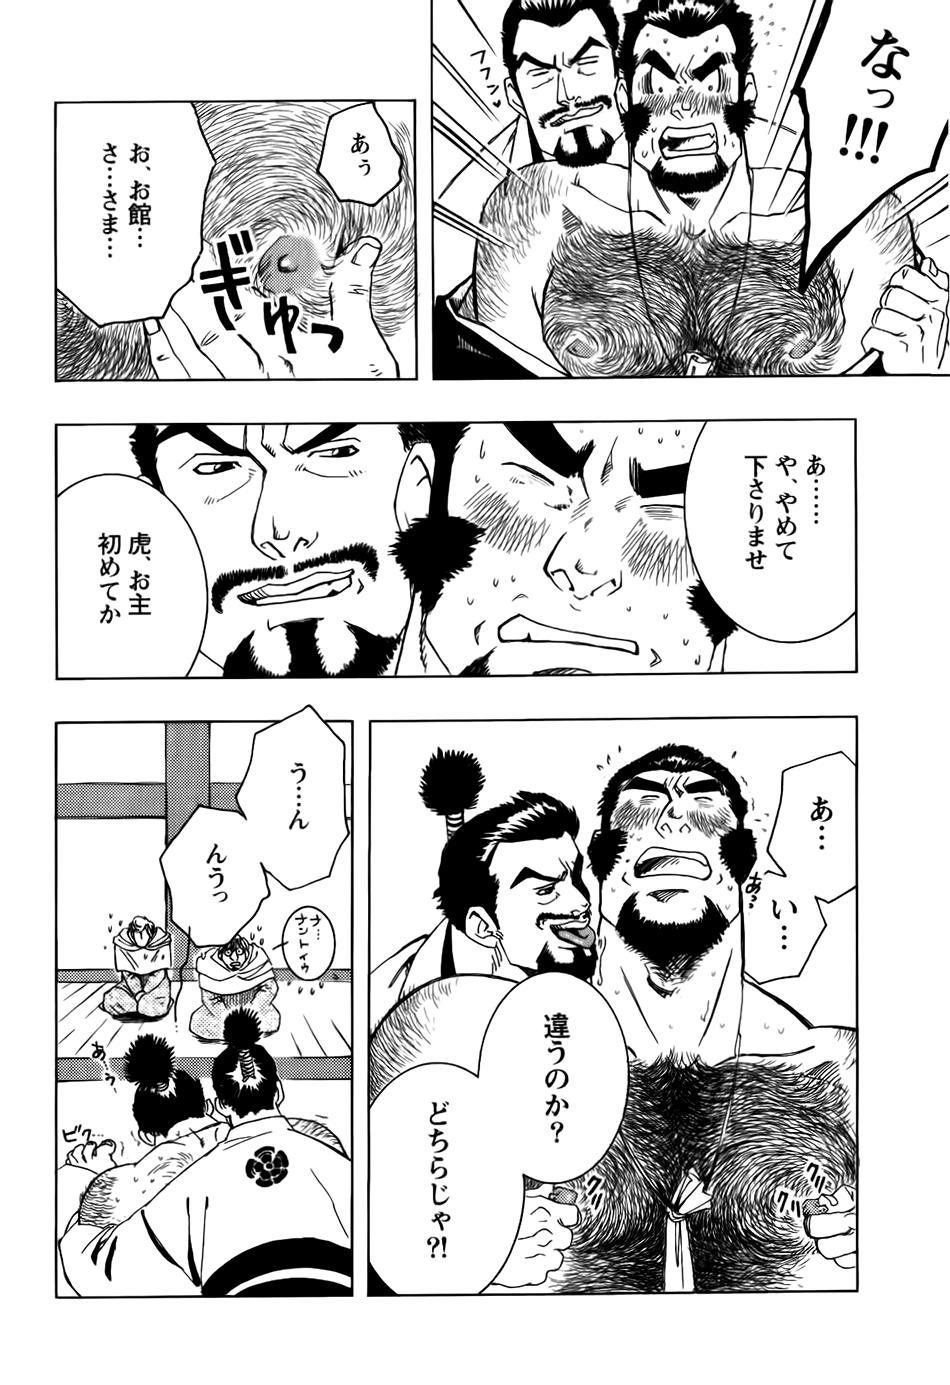 Nobunaga's lotion man 5